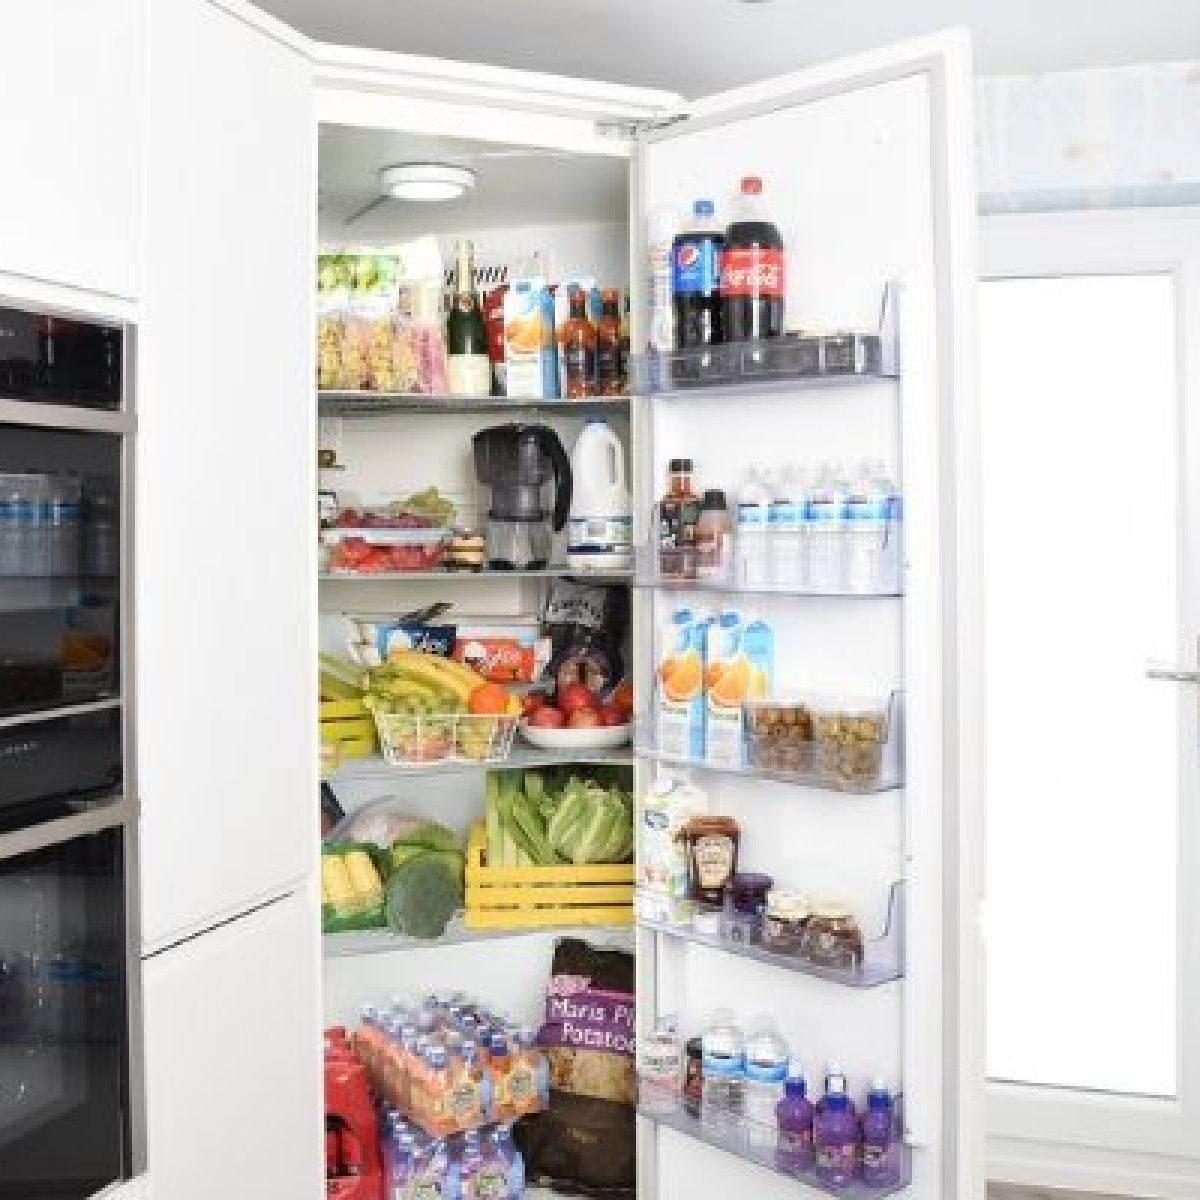 Migliori frigoriferi Whirlpool: classifica di dicembre 2019 ...